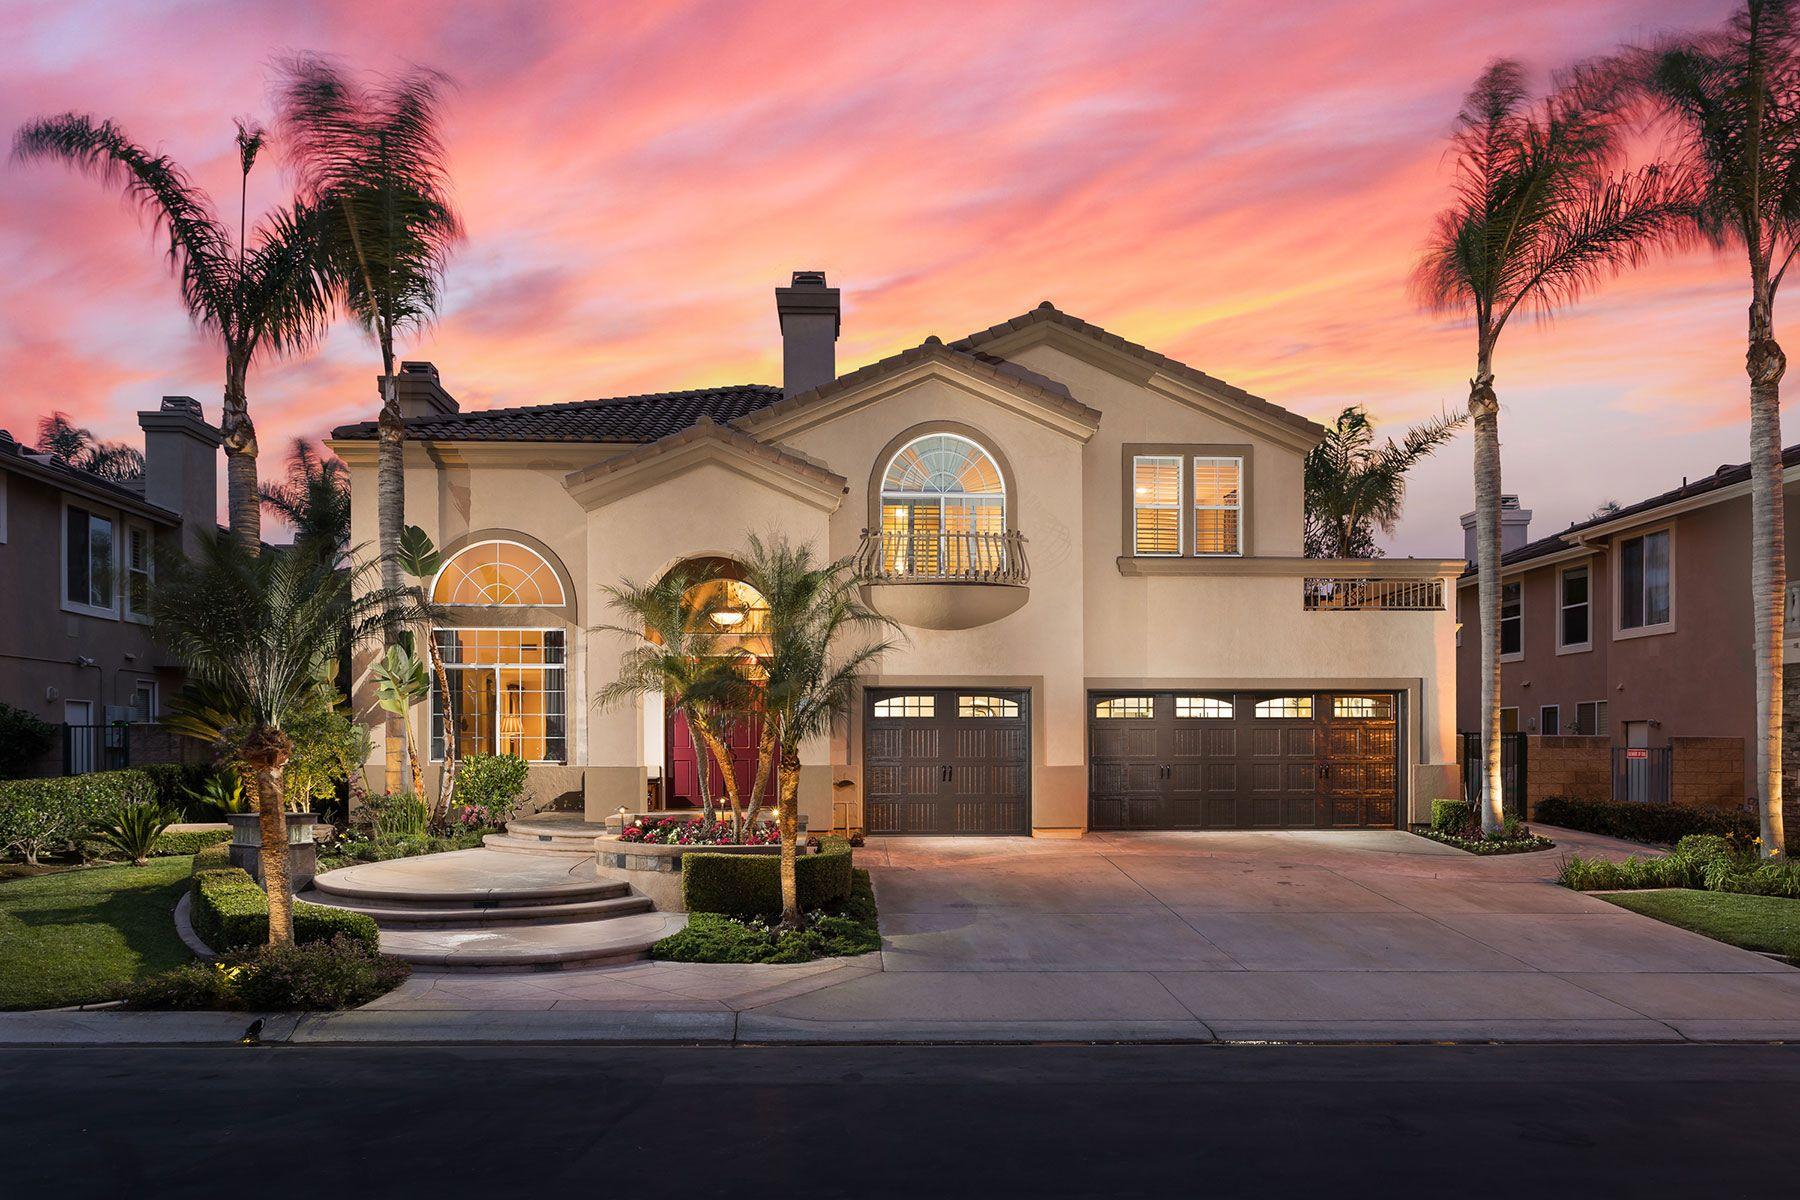 Частный односемейный дом для того Продажа на 18925 Silverbit Lane Huntington Beach, Калифорния, 92648 Соединенные Штаты